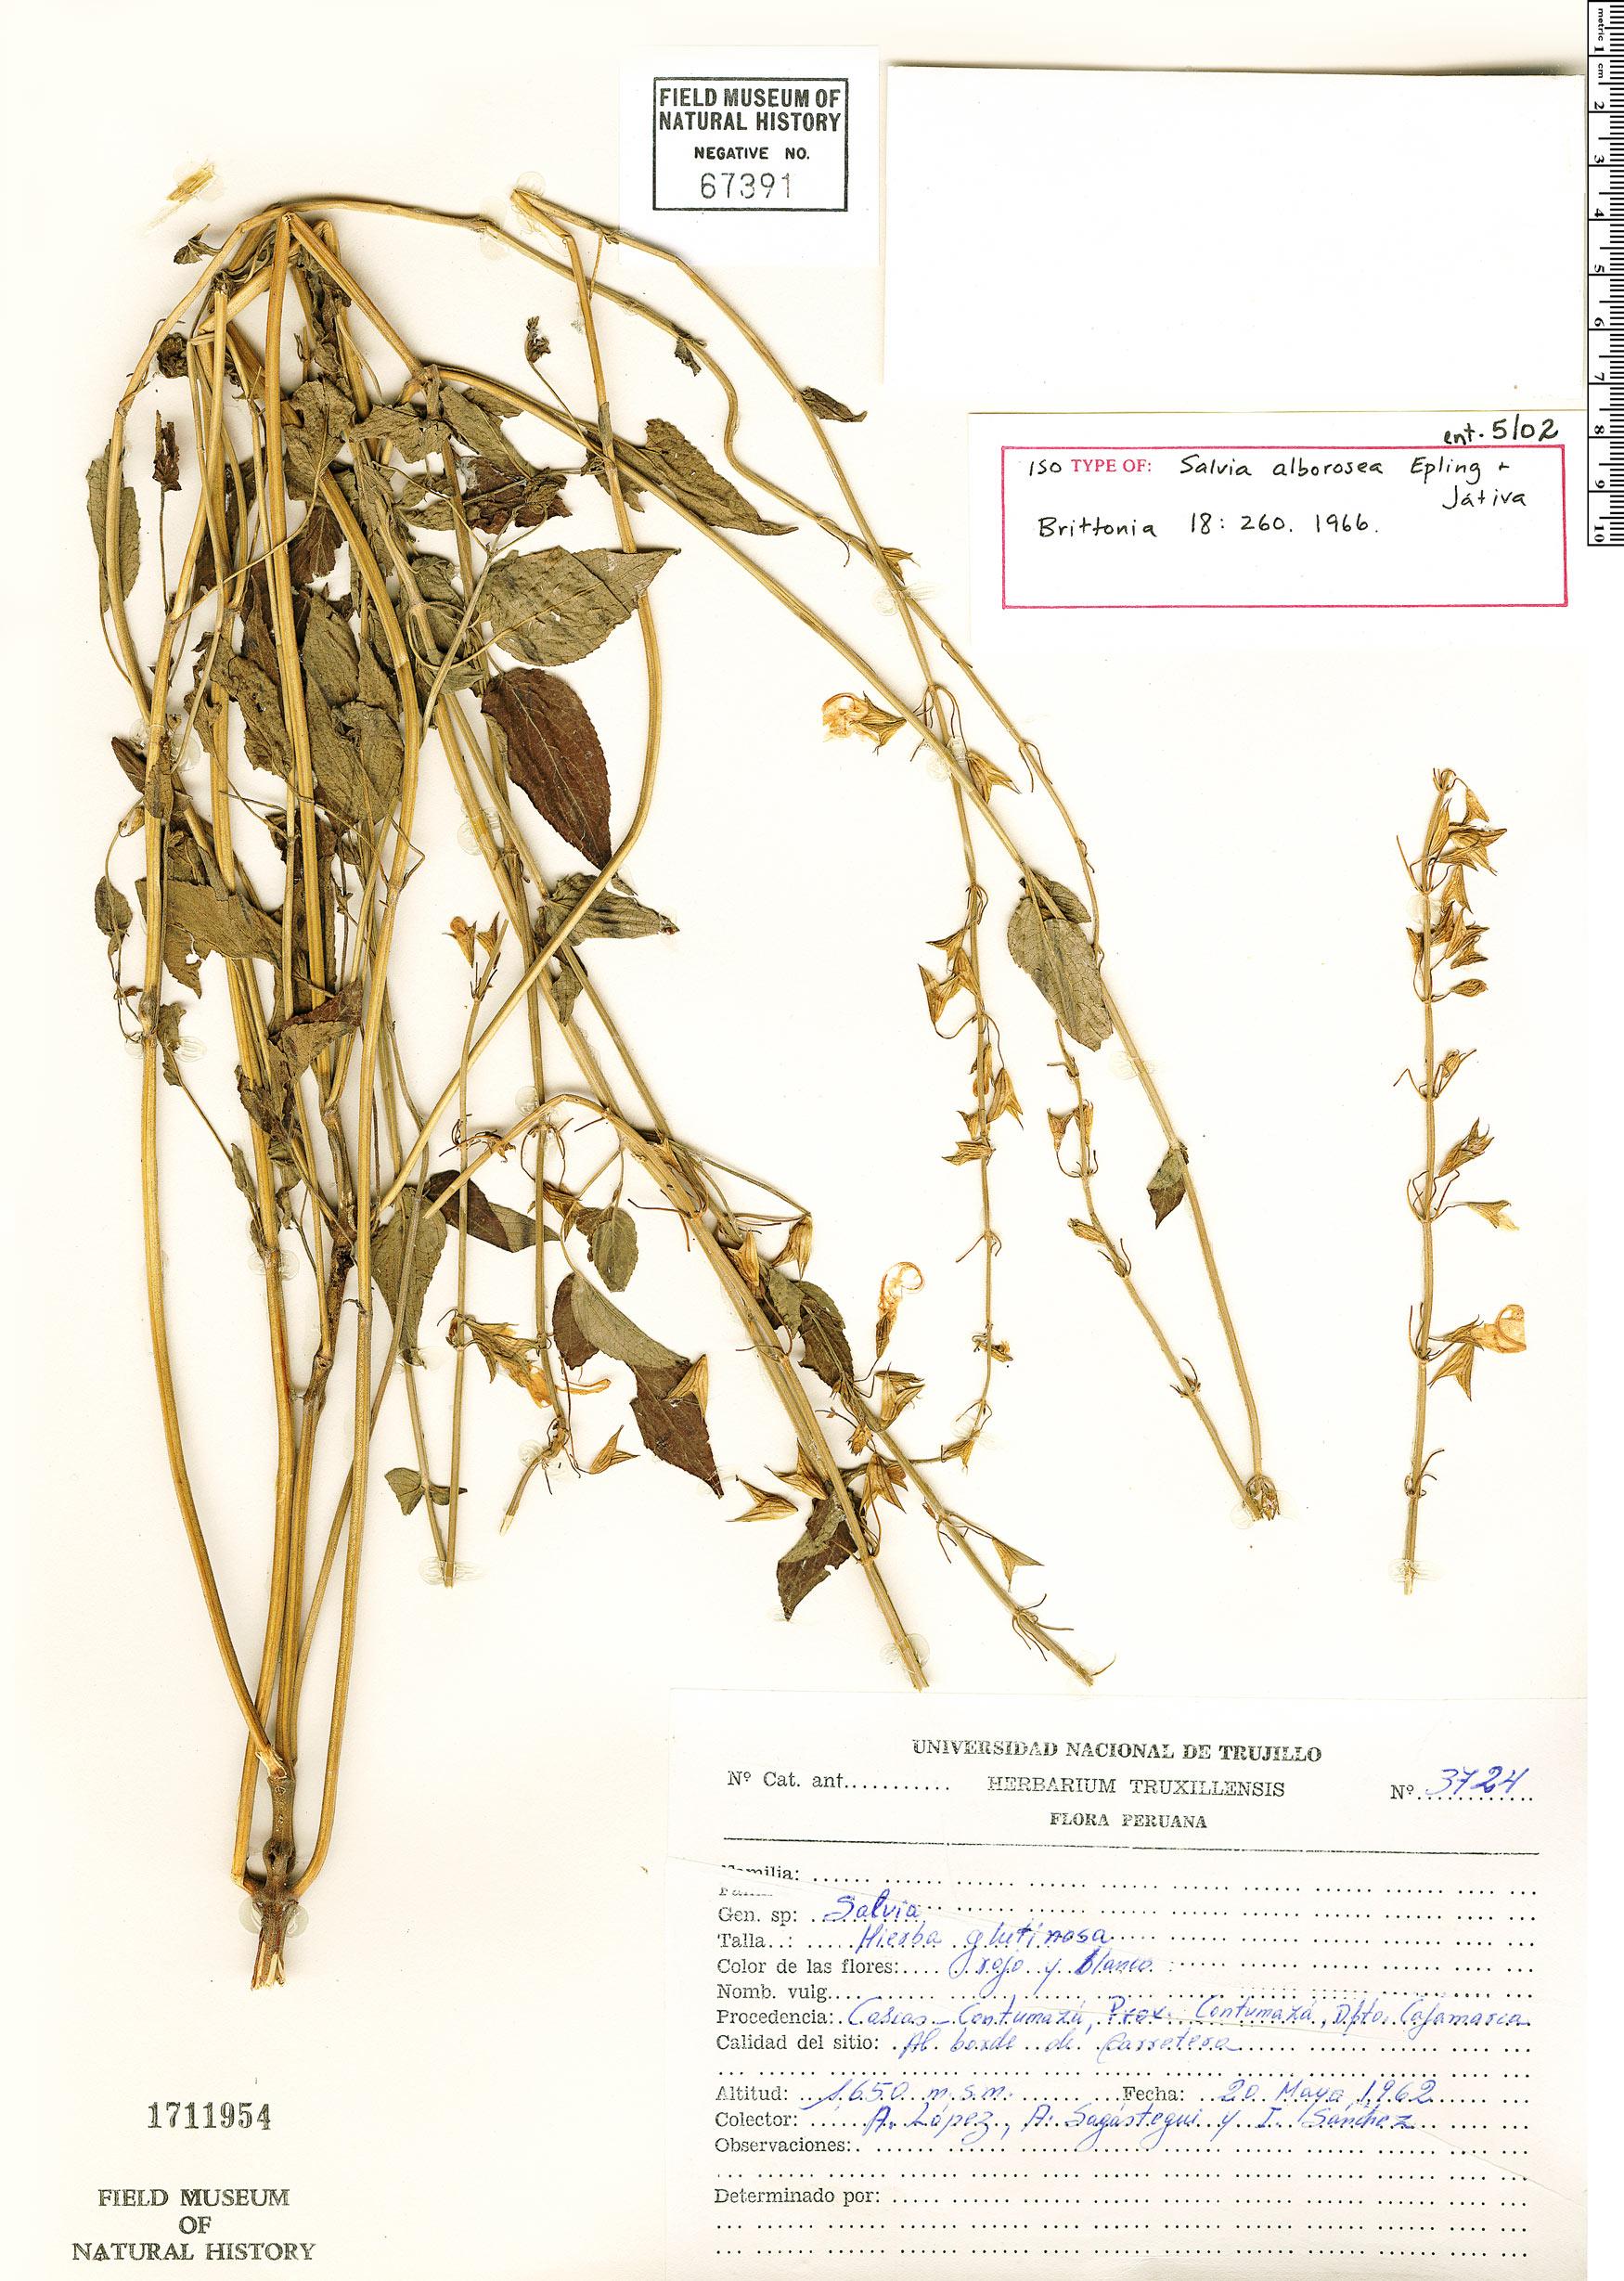 Specimen: Salvia alborosea